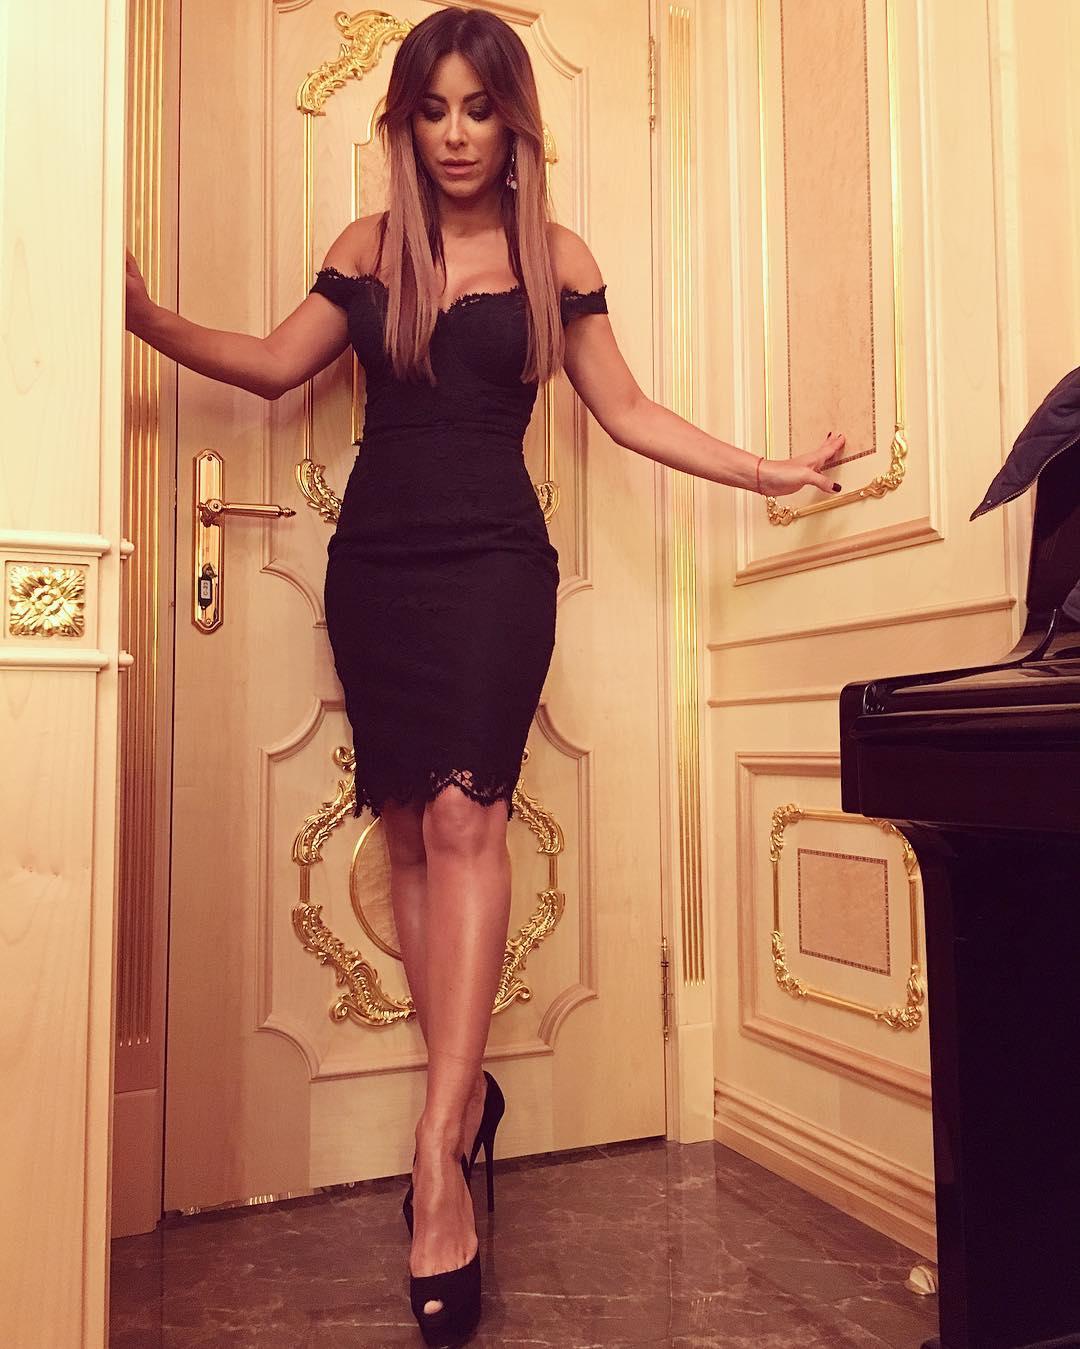 Сексуальная Ани Лорак предстала в роскошном наряде